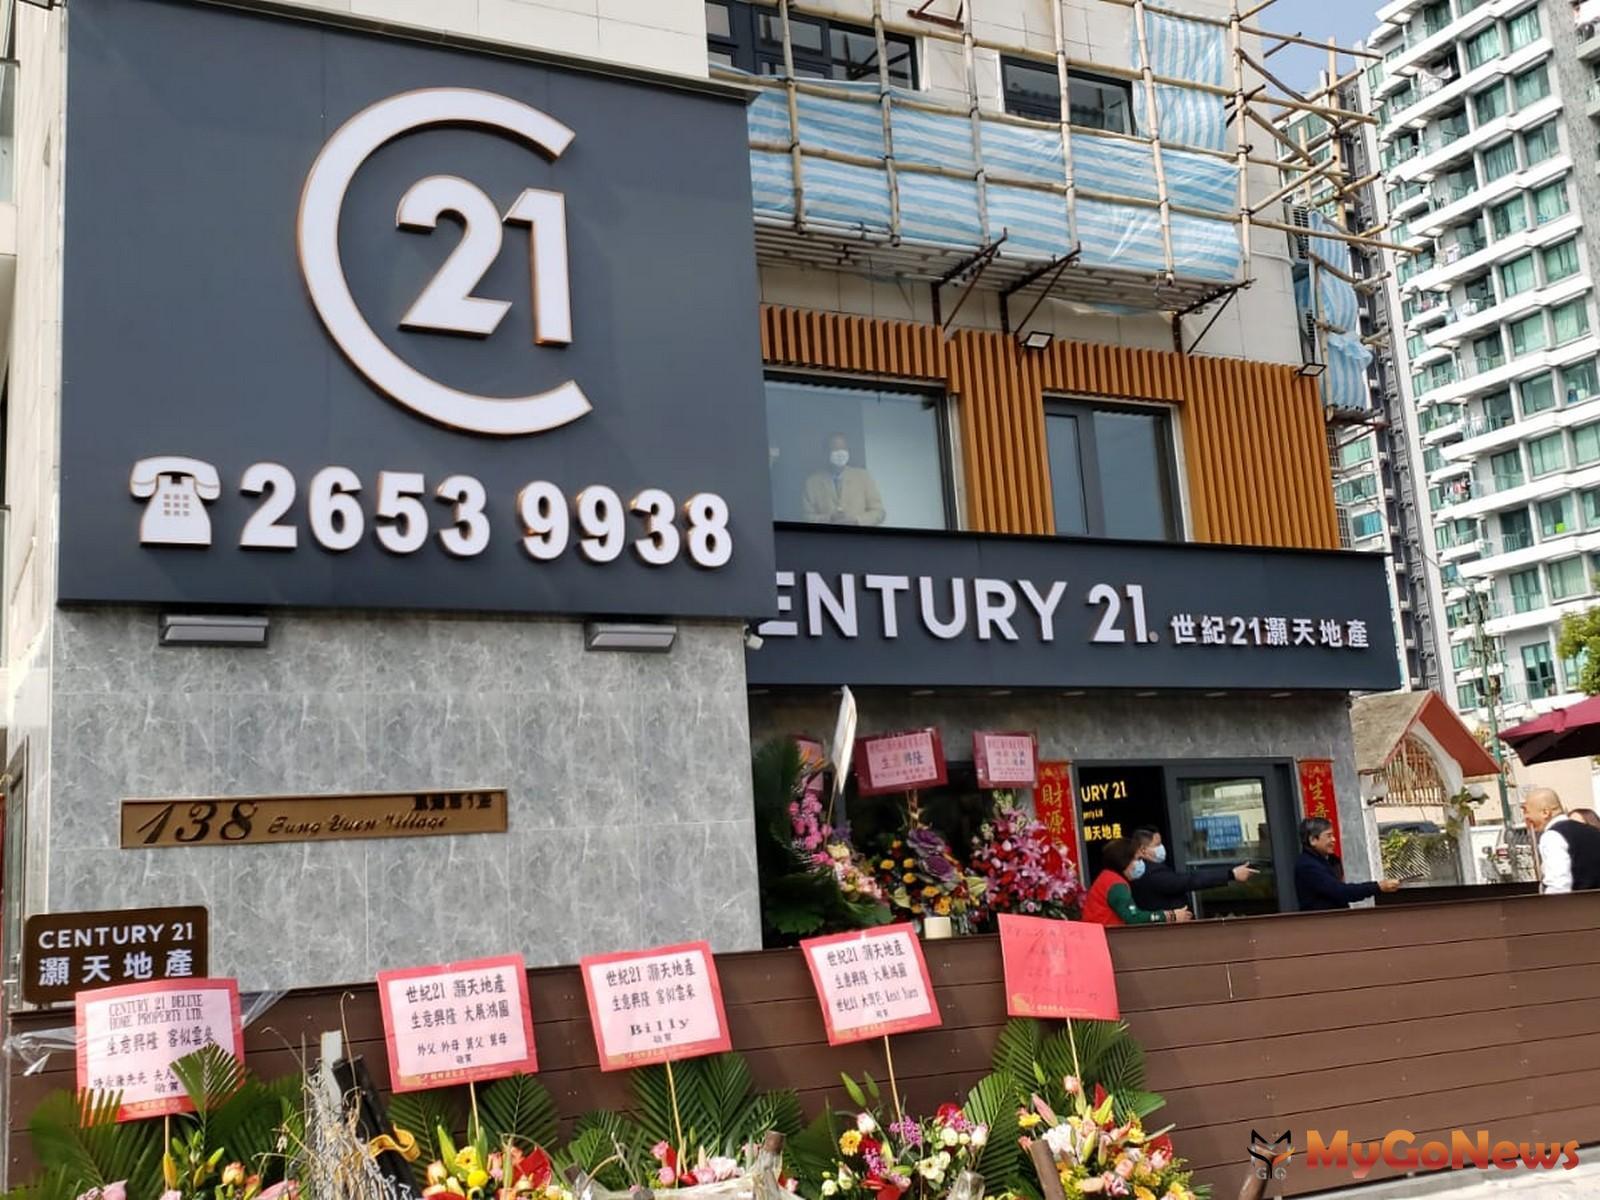 香港1/5價買房,港人掀起置產台灣潮,圖為21世紀不動產位於香港新界的店頭(圖:21世紀不動產) MyGoNews房地產新聞 市場快訊